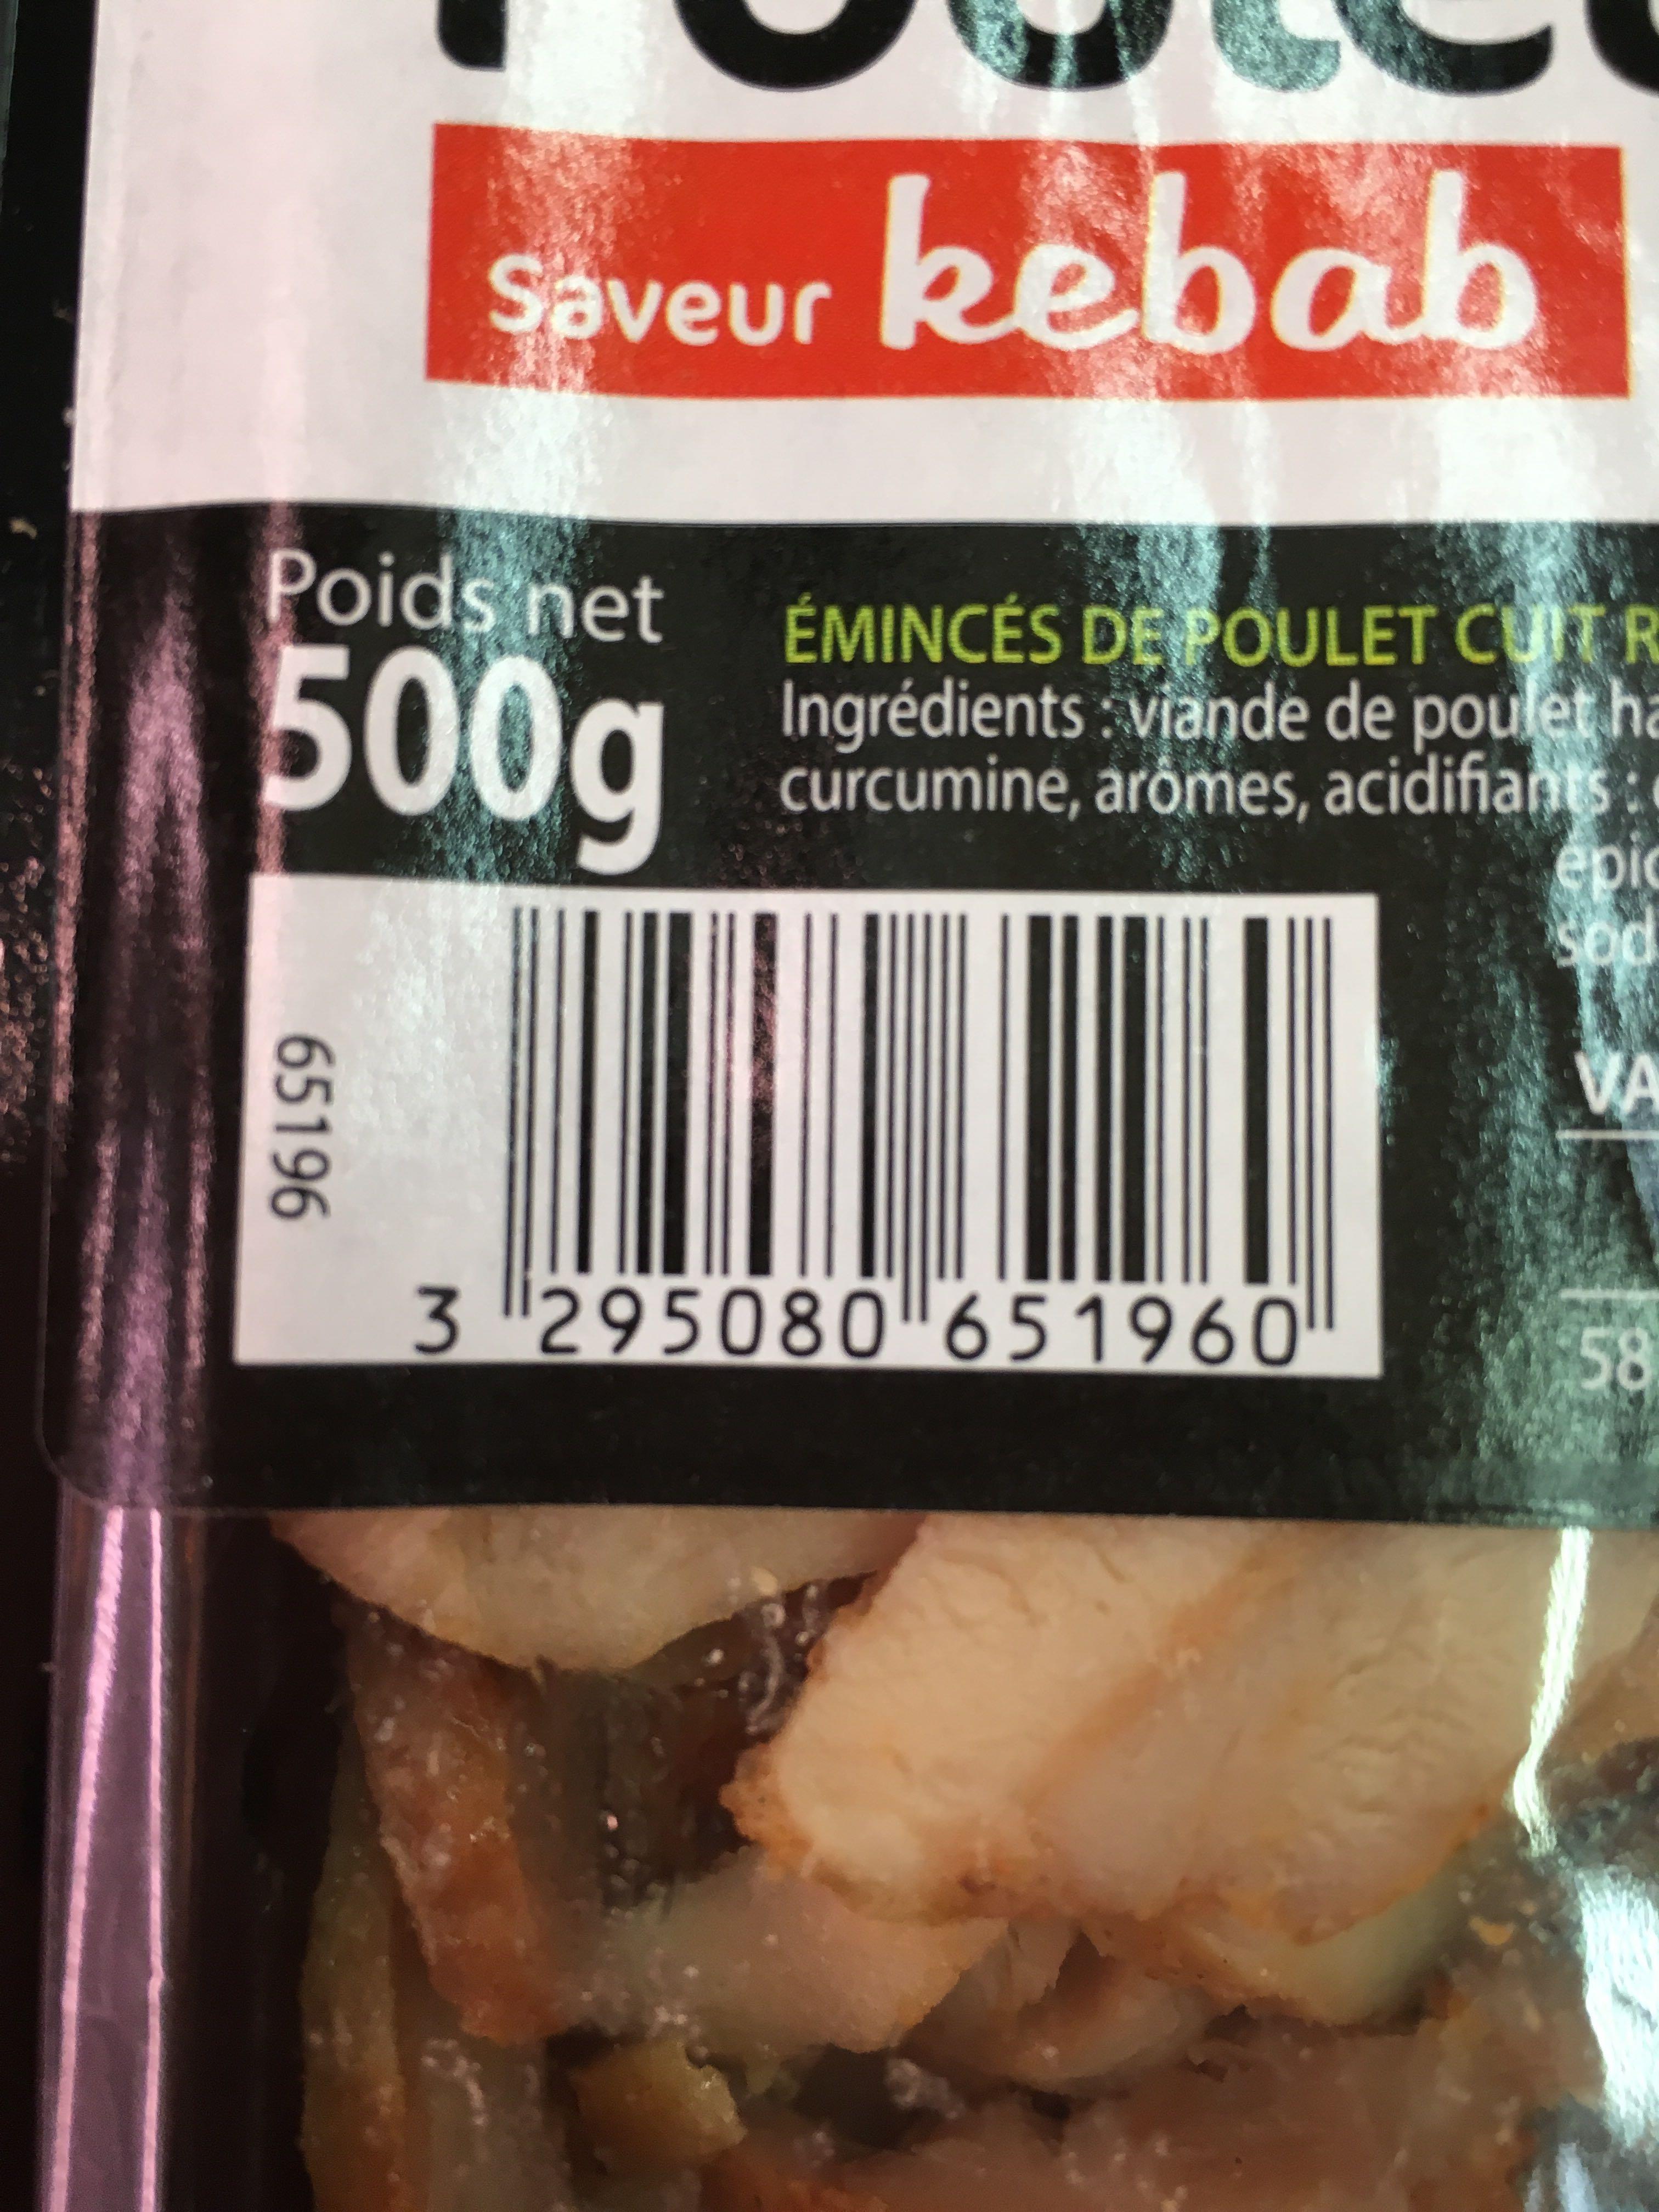 Émincés de poulet cuit - Product